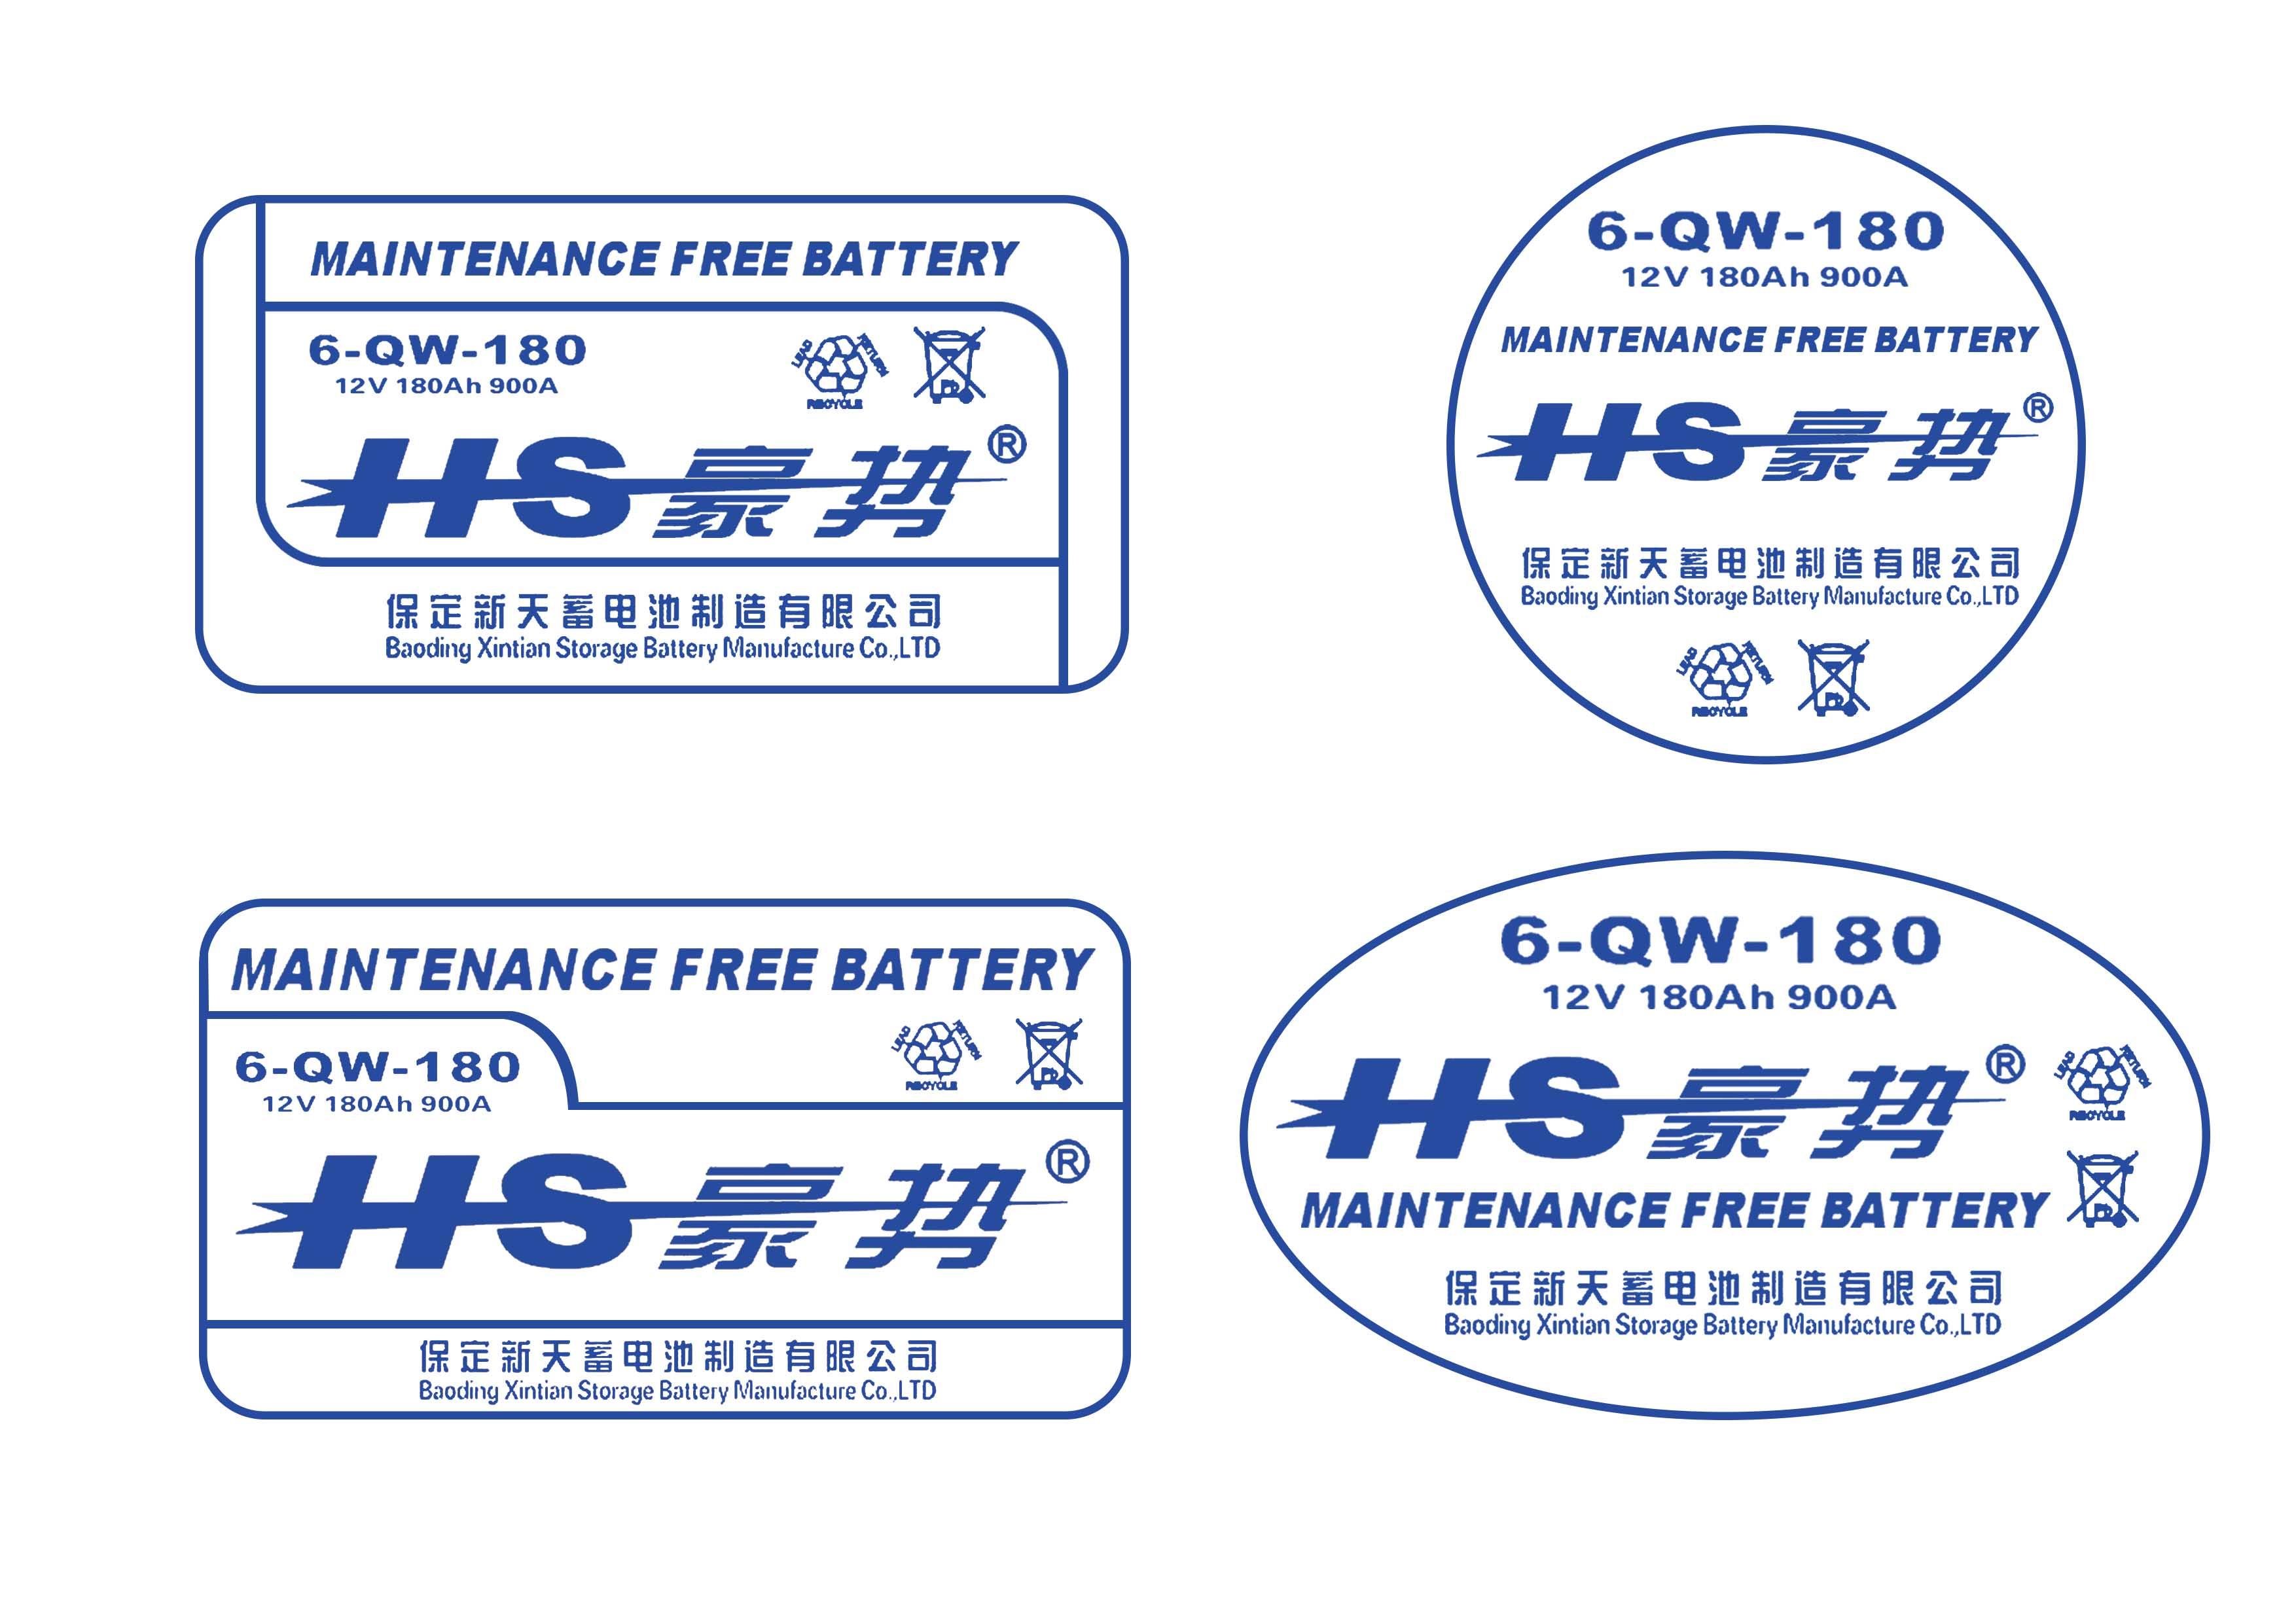 汽车用蓄电池壳体丝网印刷设计_2961852_k68威客网